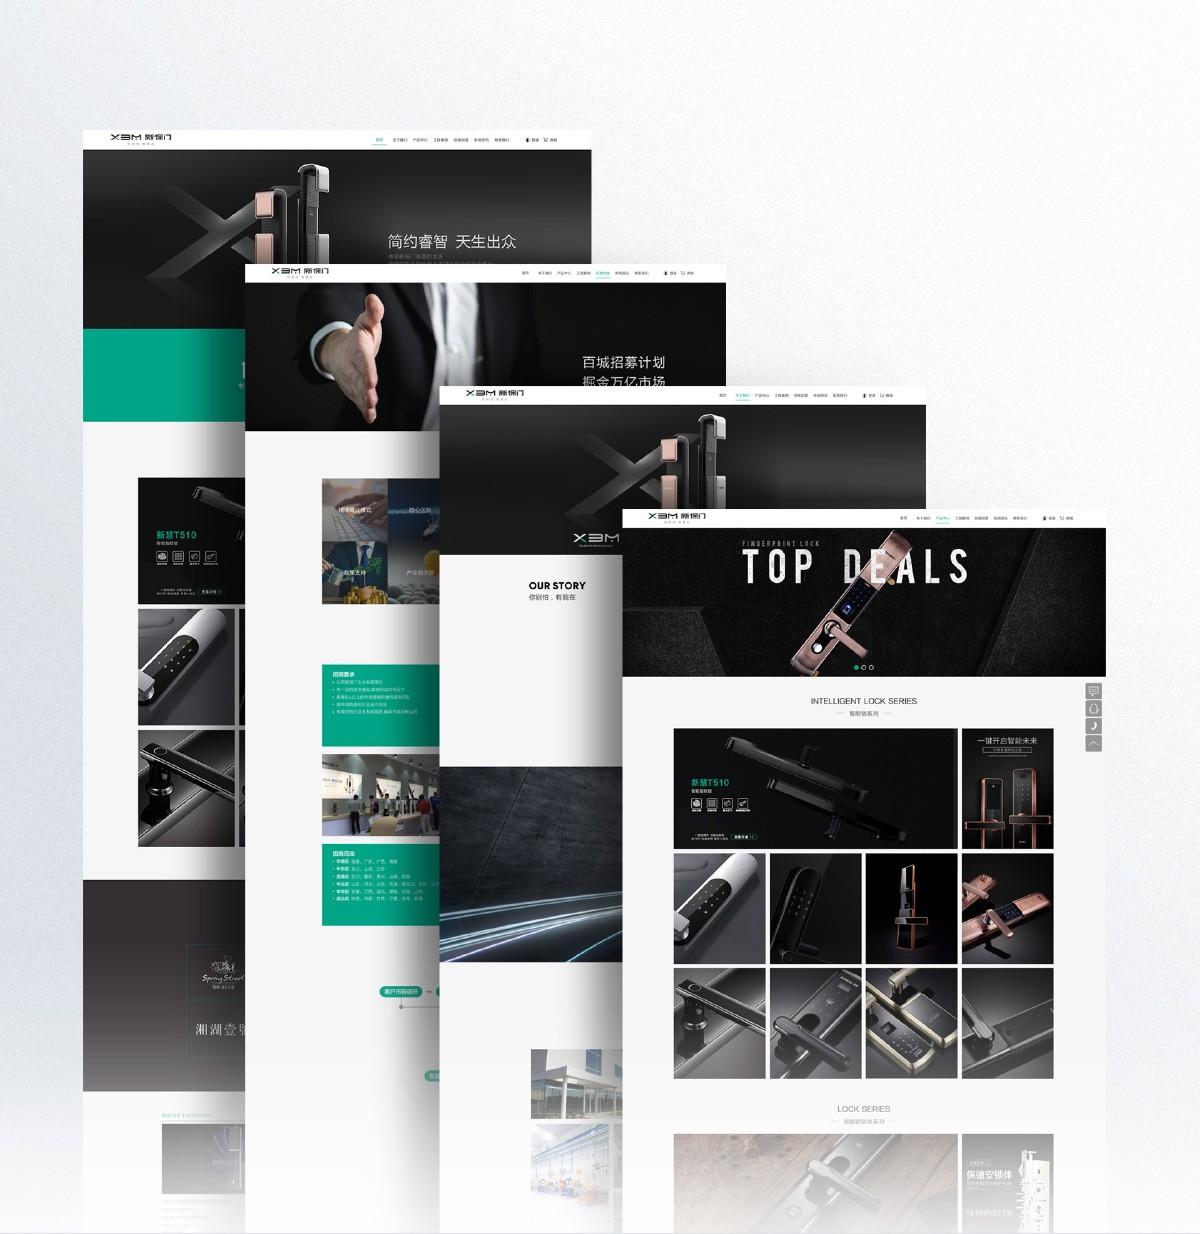 新保门品牌形象设计/包装设计/宣传画册设计/VI设计20